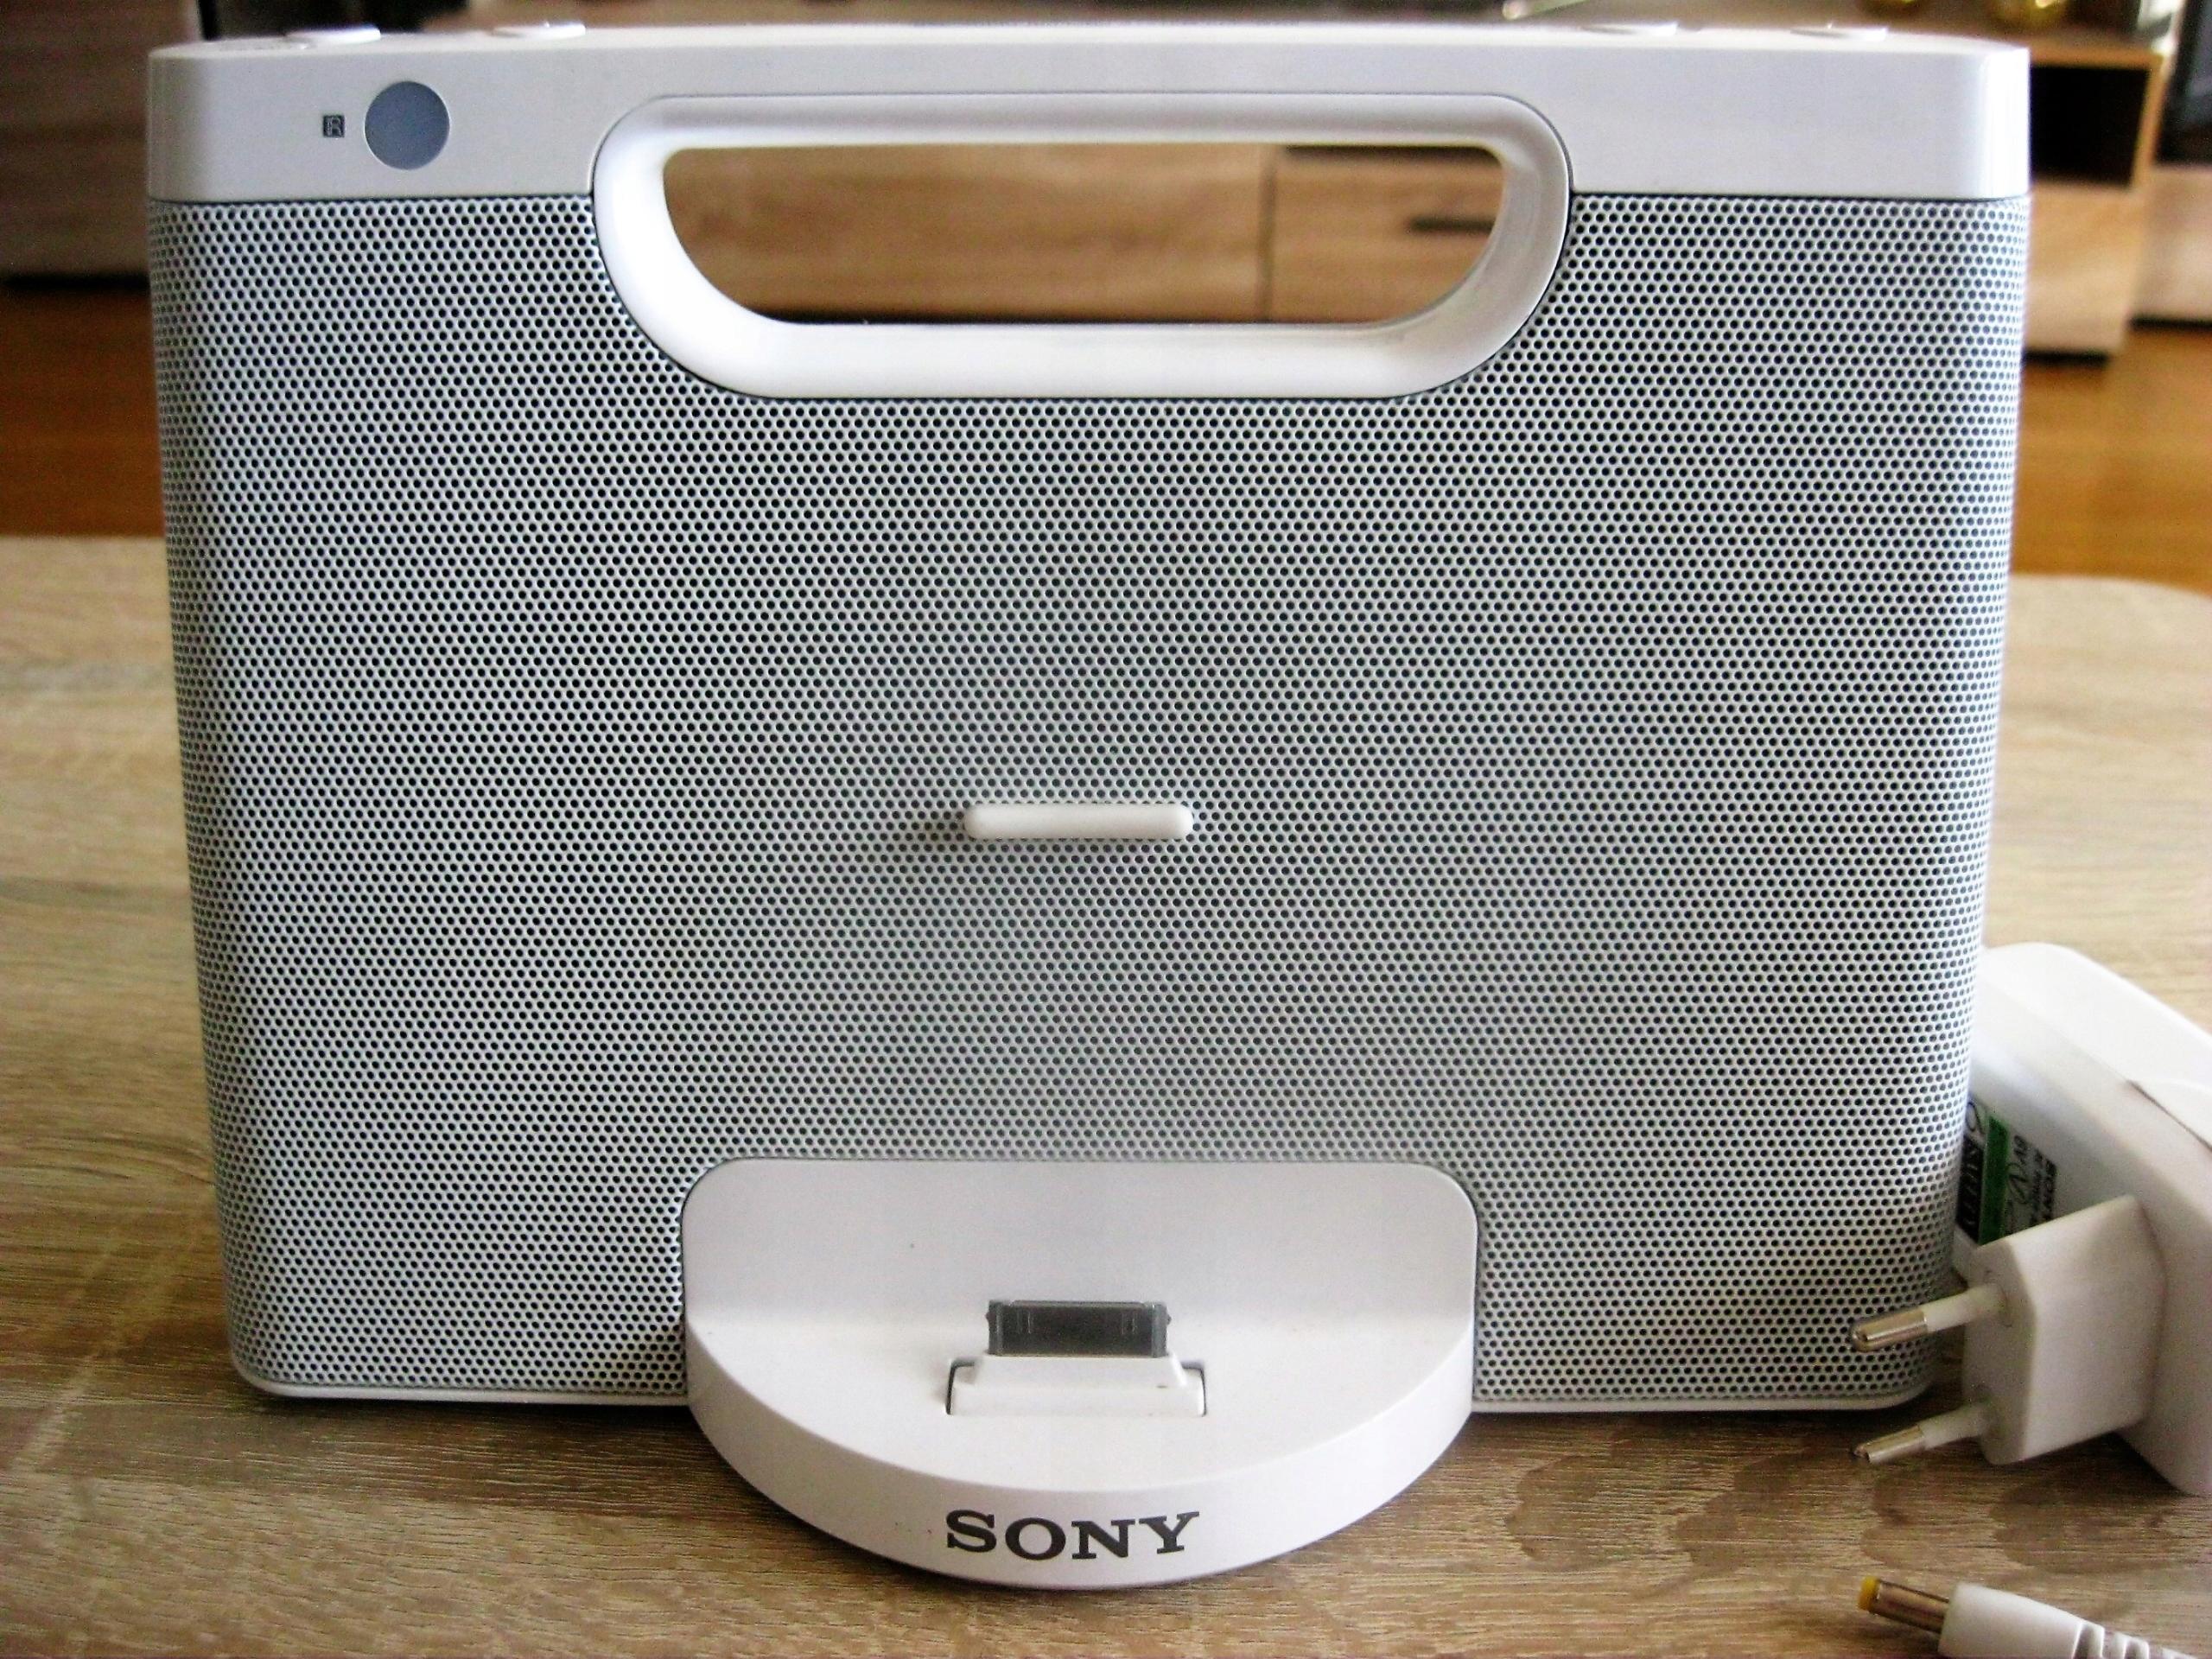 Głośniki stacja dokująca SONY RDP-M7iP iPhone/iPod